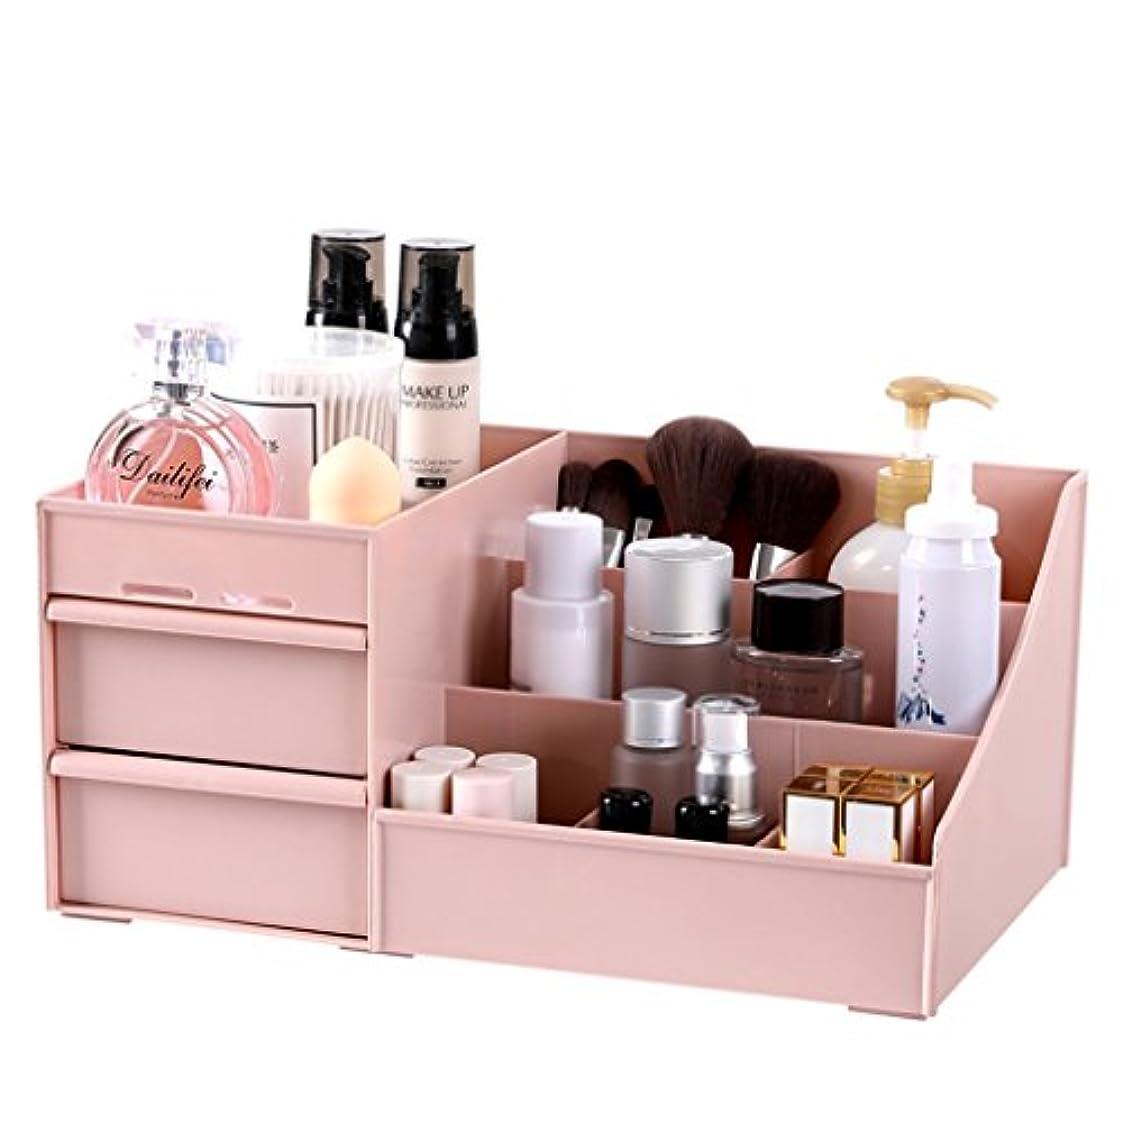 シャツ絶壁感謝しているメイクボックス 化粧品オーガナイザーアクリル化粧品ディスプレイ口紅収納ラック引き出しジュエリー収納ボックス (Color : Pink, Size : 29*17.5*13.5cm)